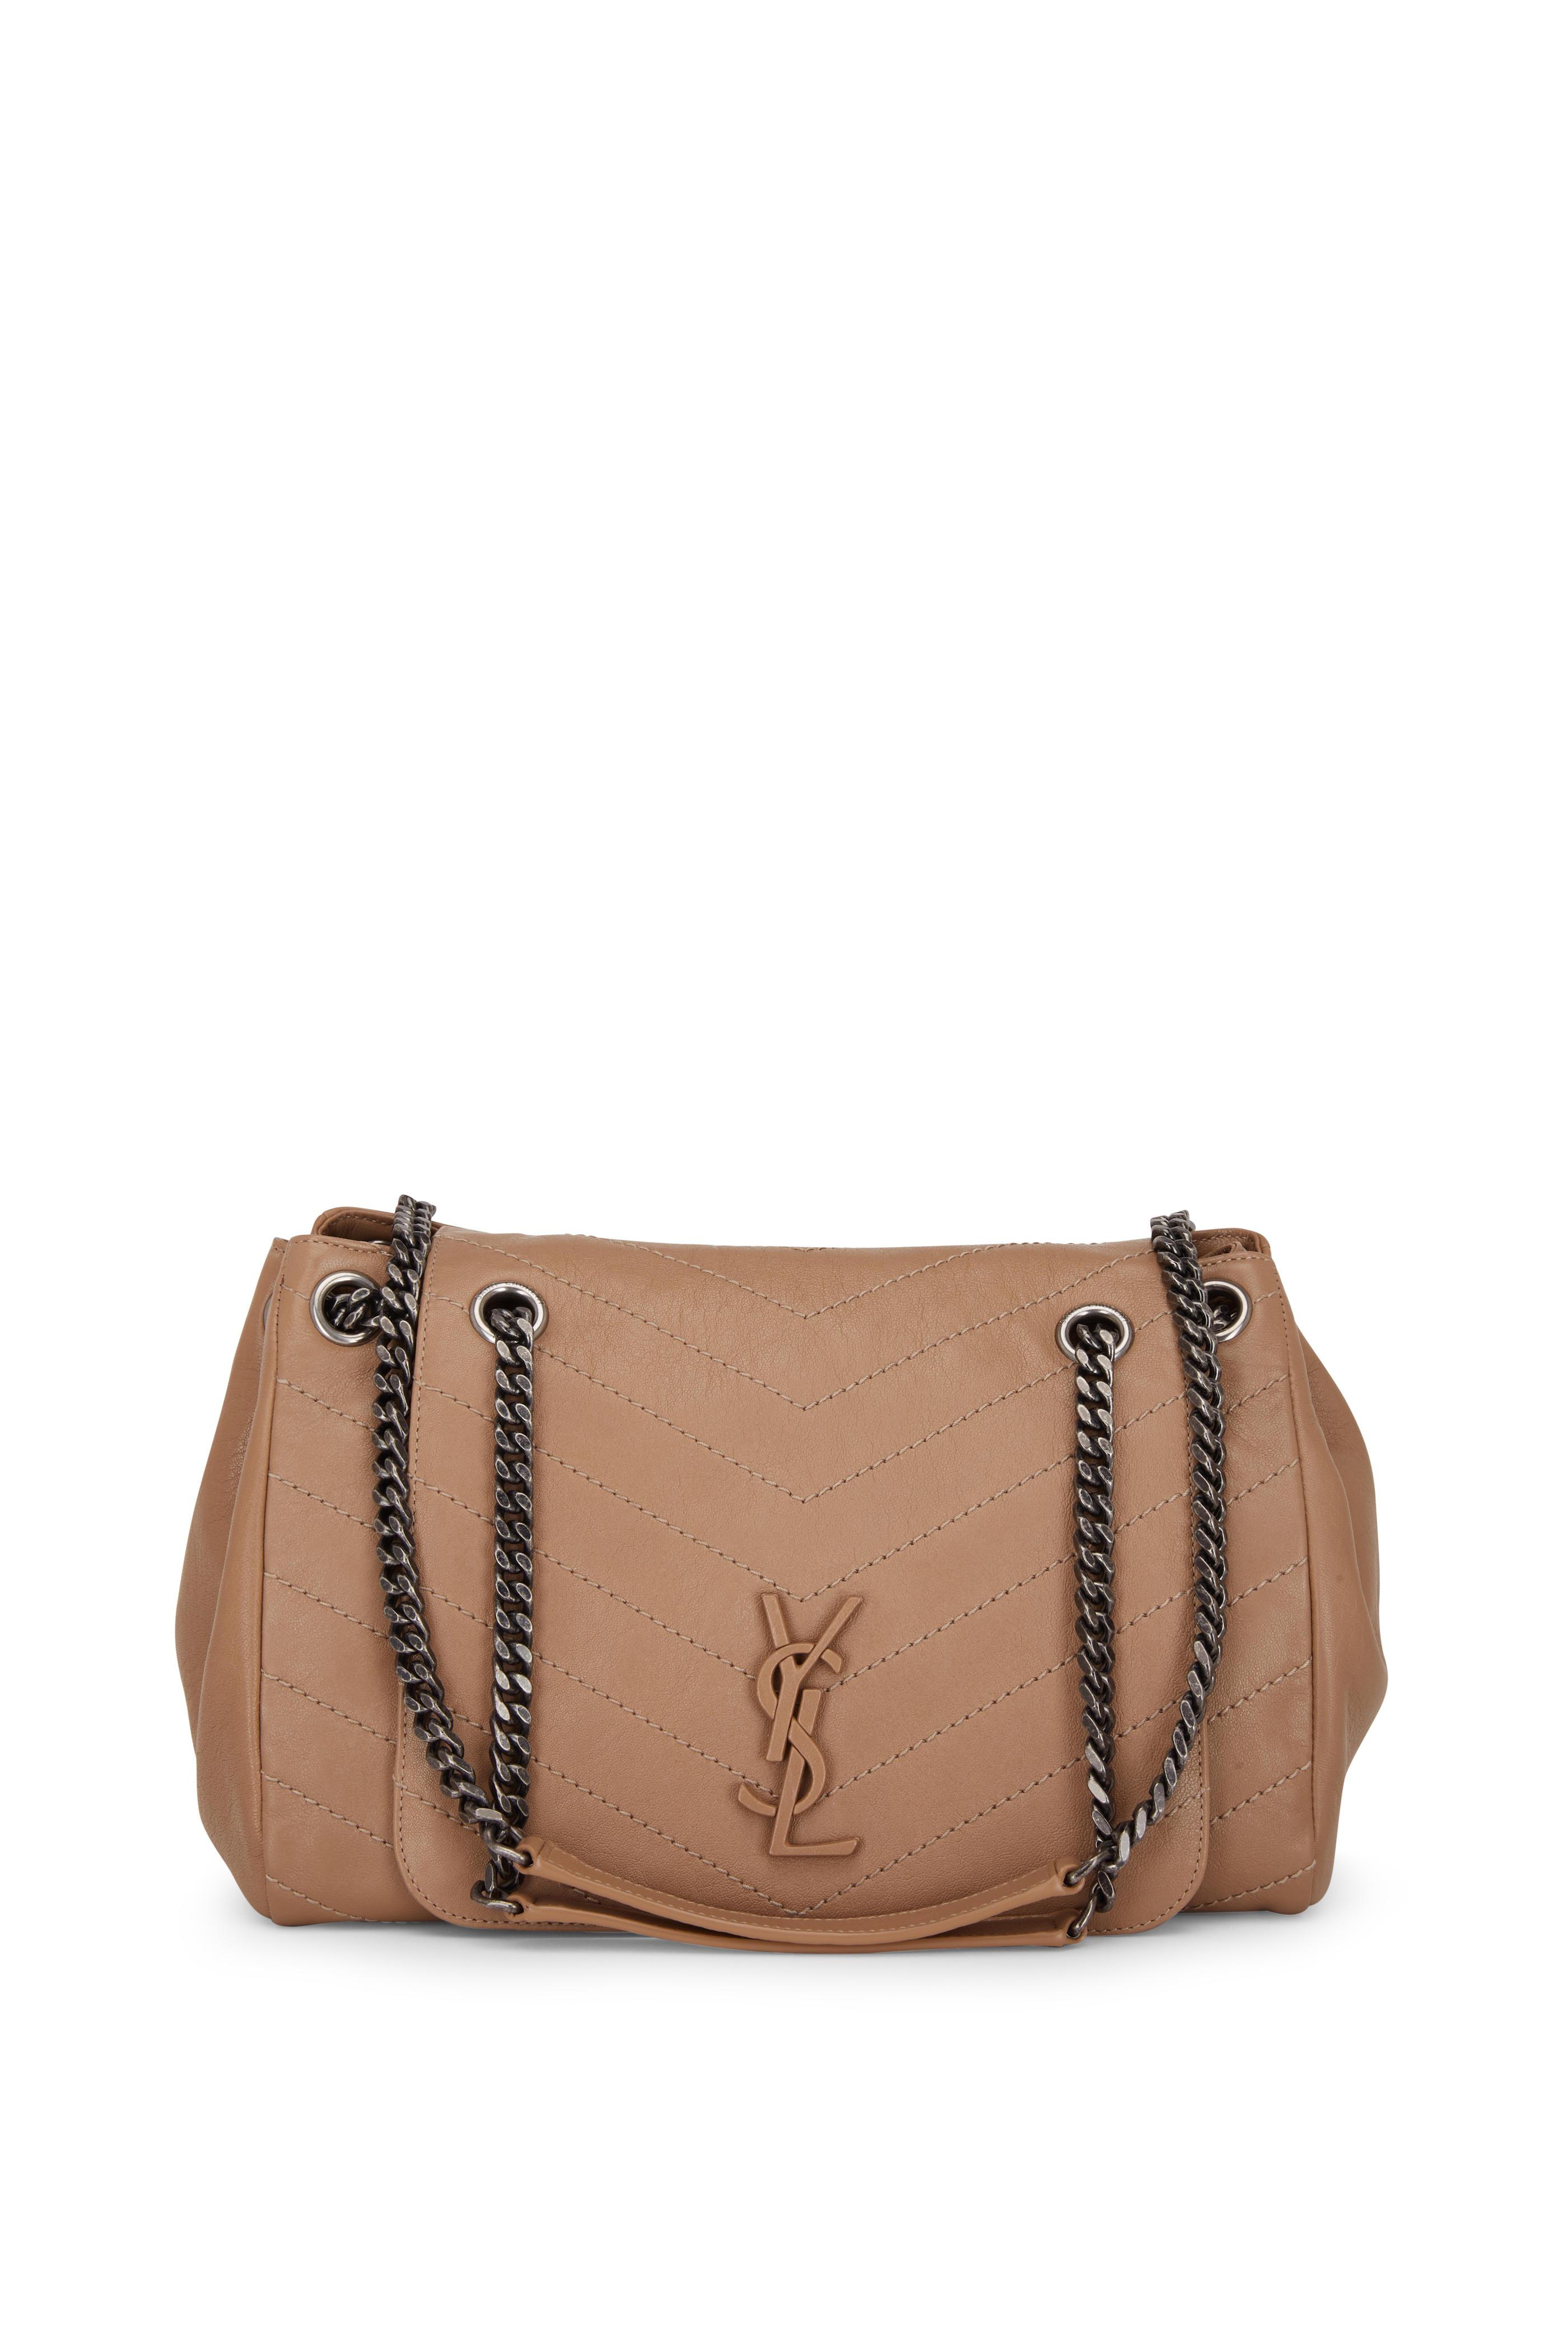 a62d6b6822 Saint Laurent - Nolita Monogram Taupe Vintage Leather Large Bag ...